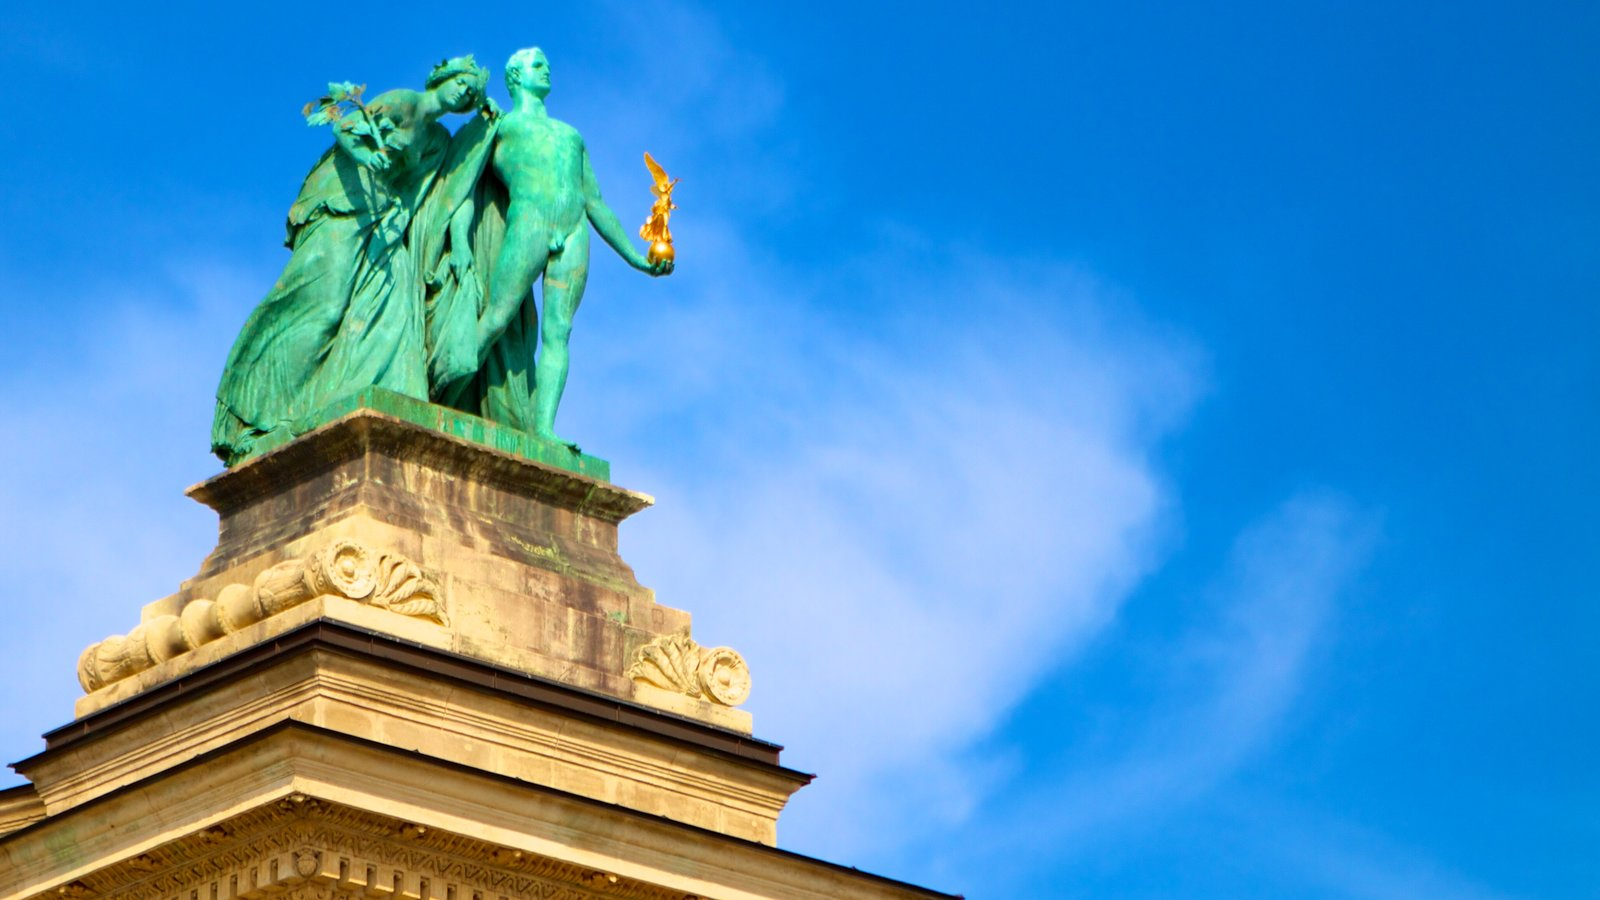 Praça dos Heróis caracterizando uma estátua ou escultura e elementos de patrimônio